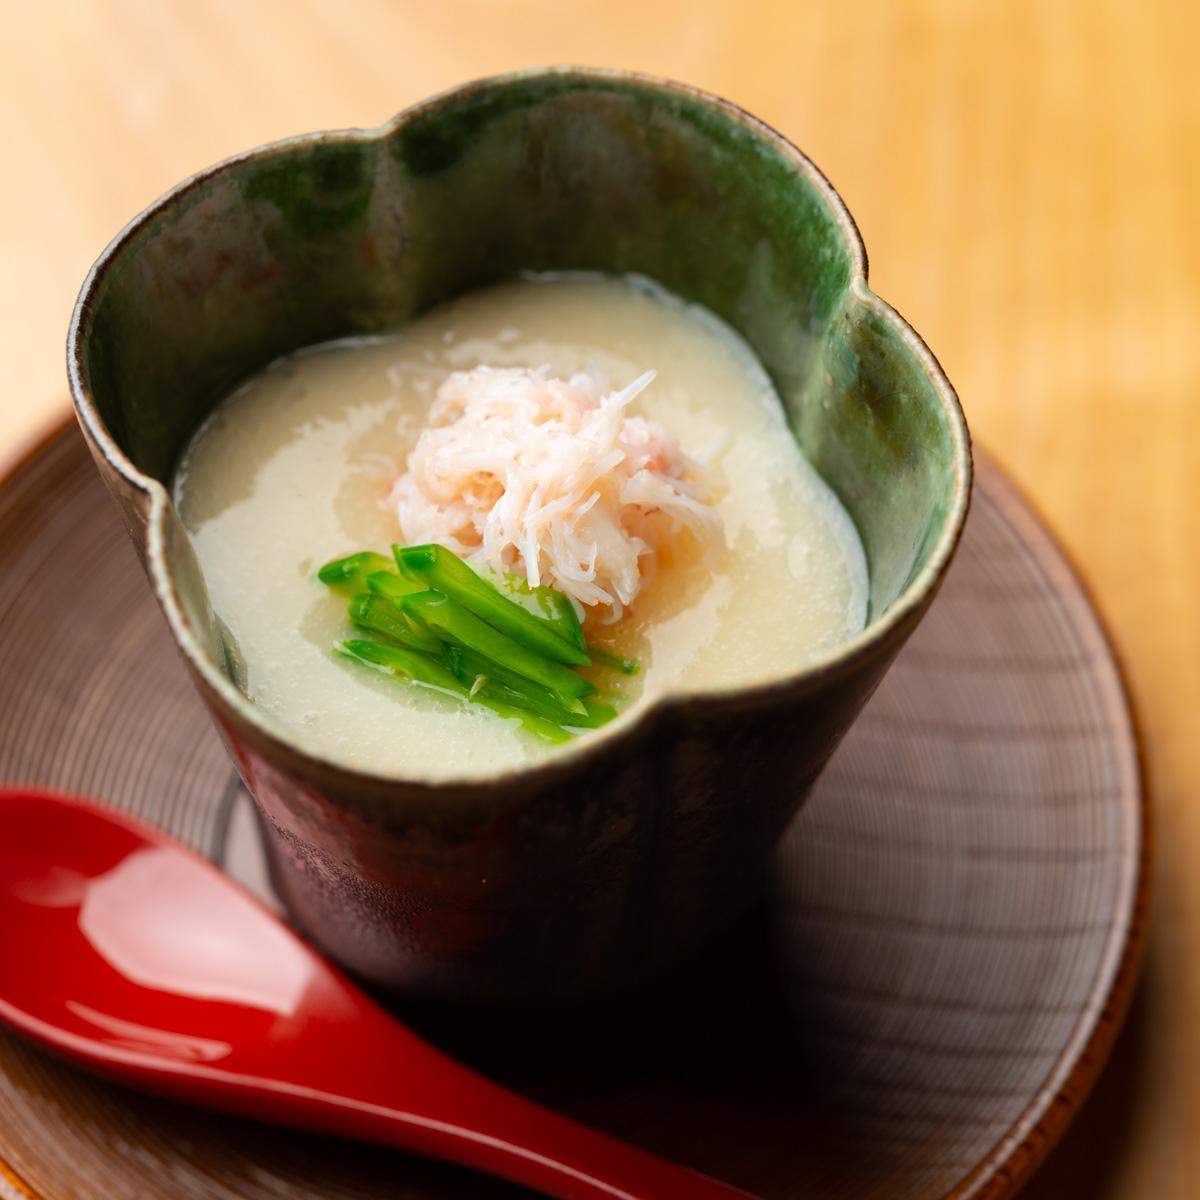 先付|毛蟹とホワイトアスパラの冷製茶碗蒸し